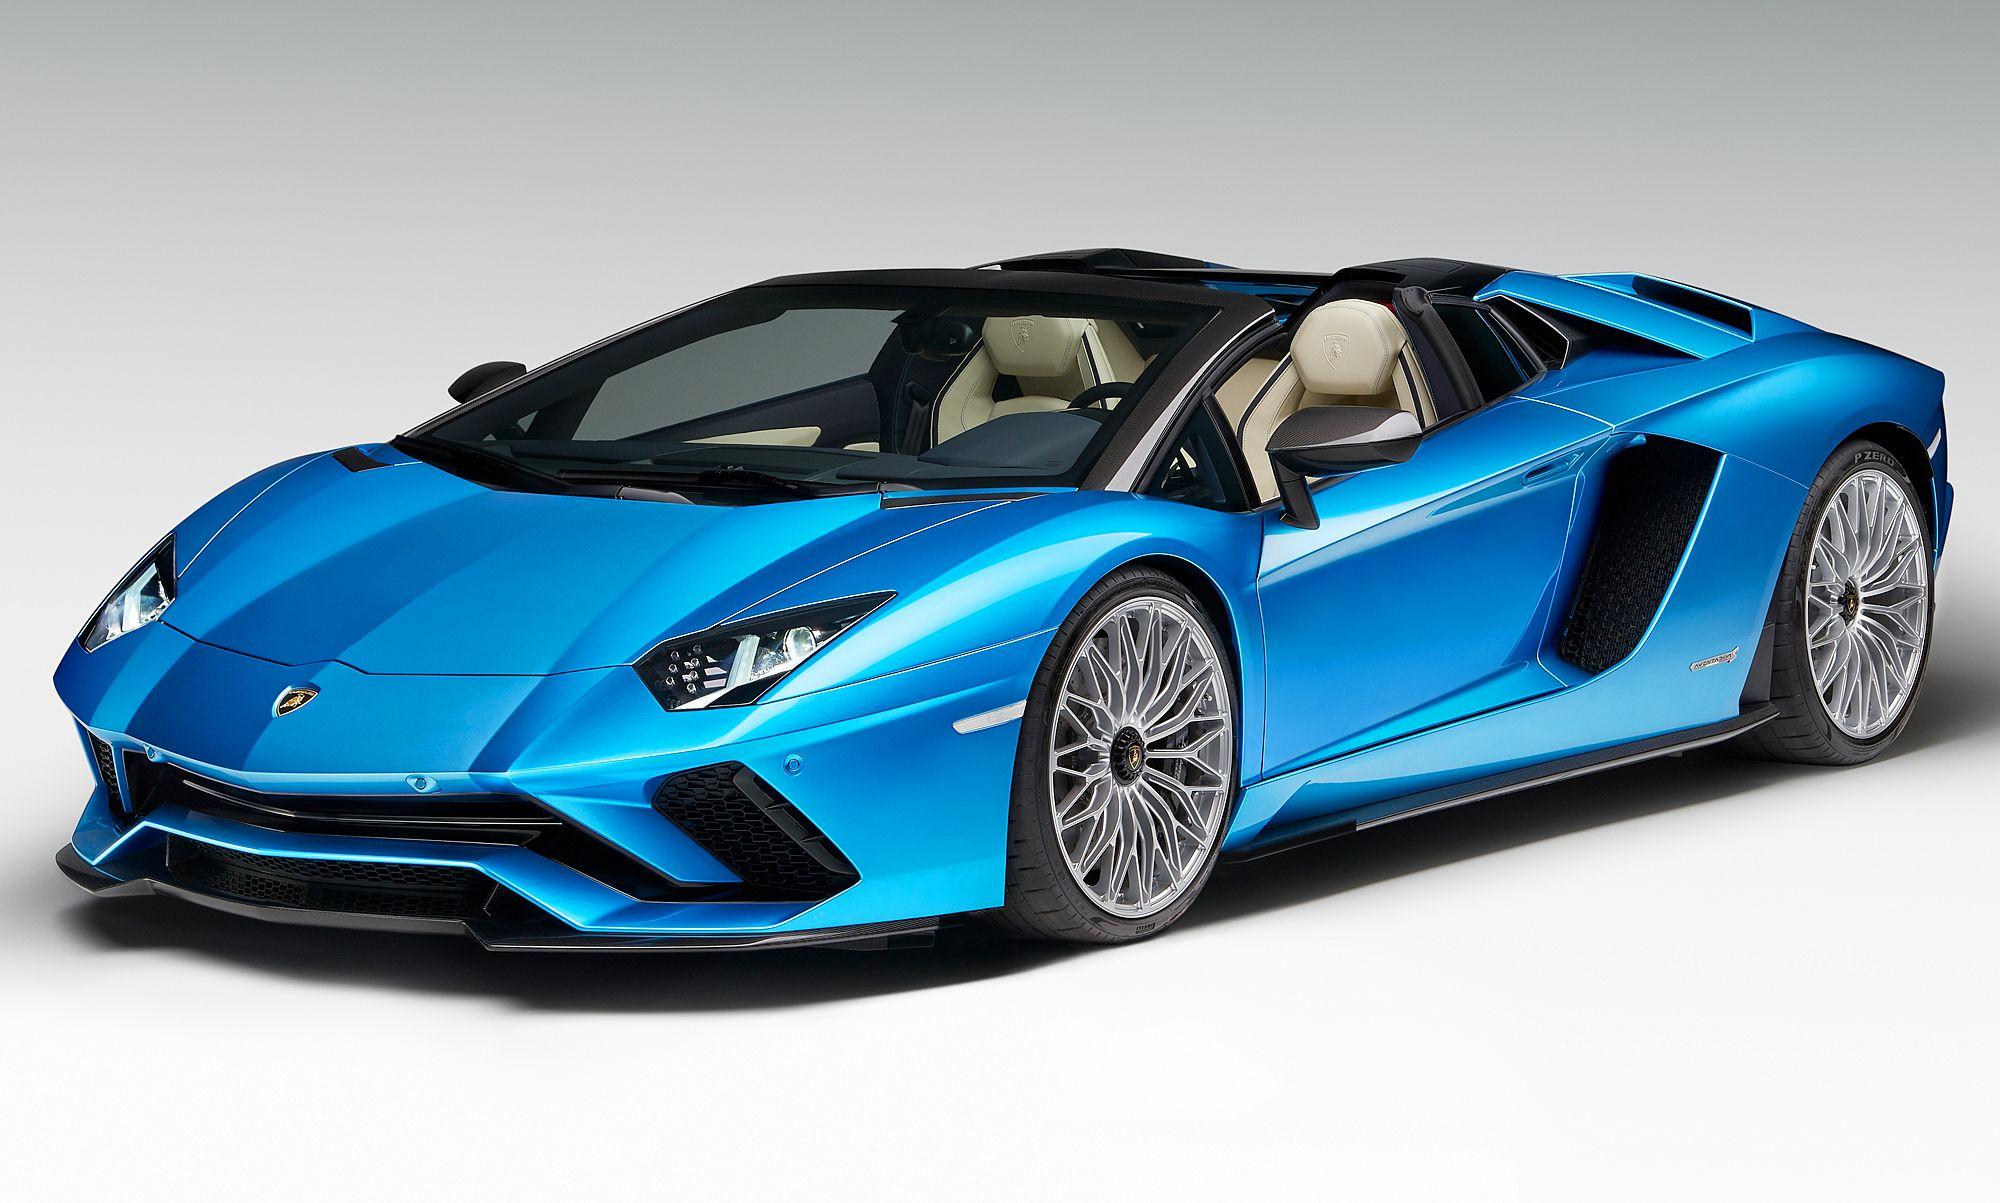 3ff52de3304bf284c58f5c0598b2708d Extraordinary Lamborghini Countach Schwer Zu Fahren Cars Trend